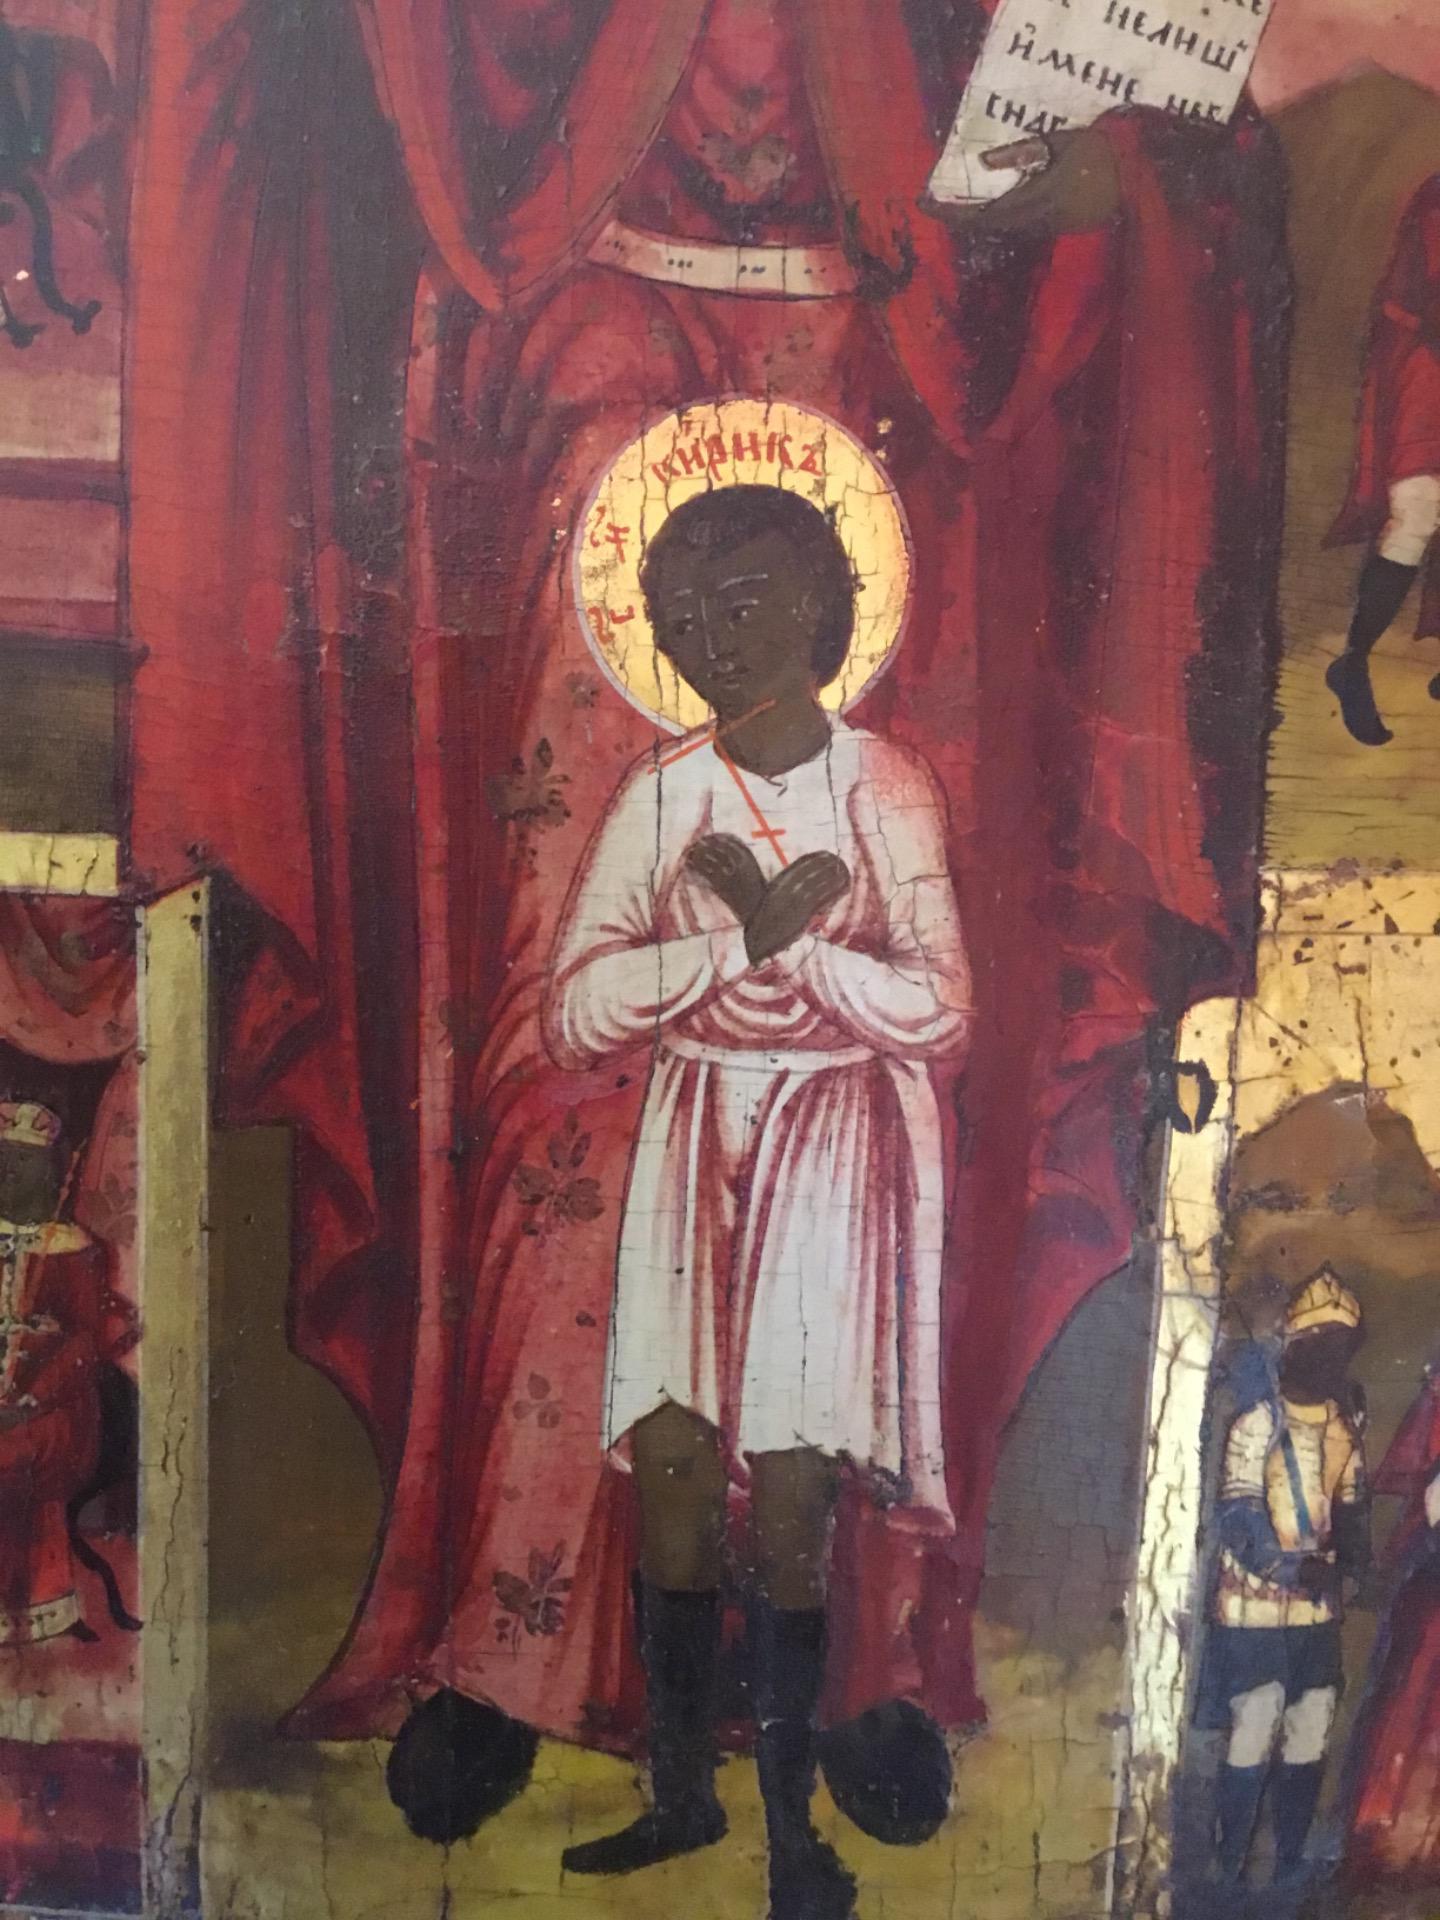 thumb5|Antica icona raffigurante vita di un santo